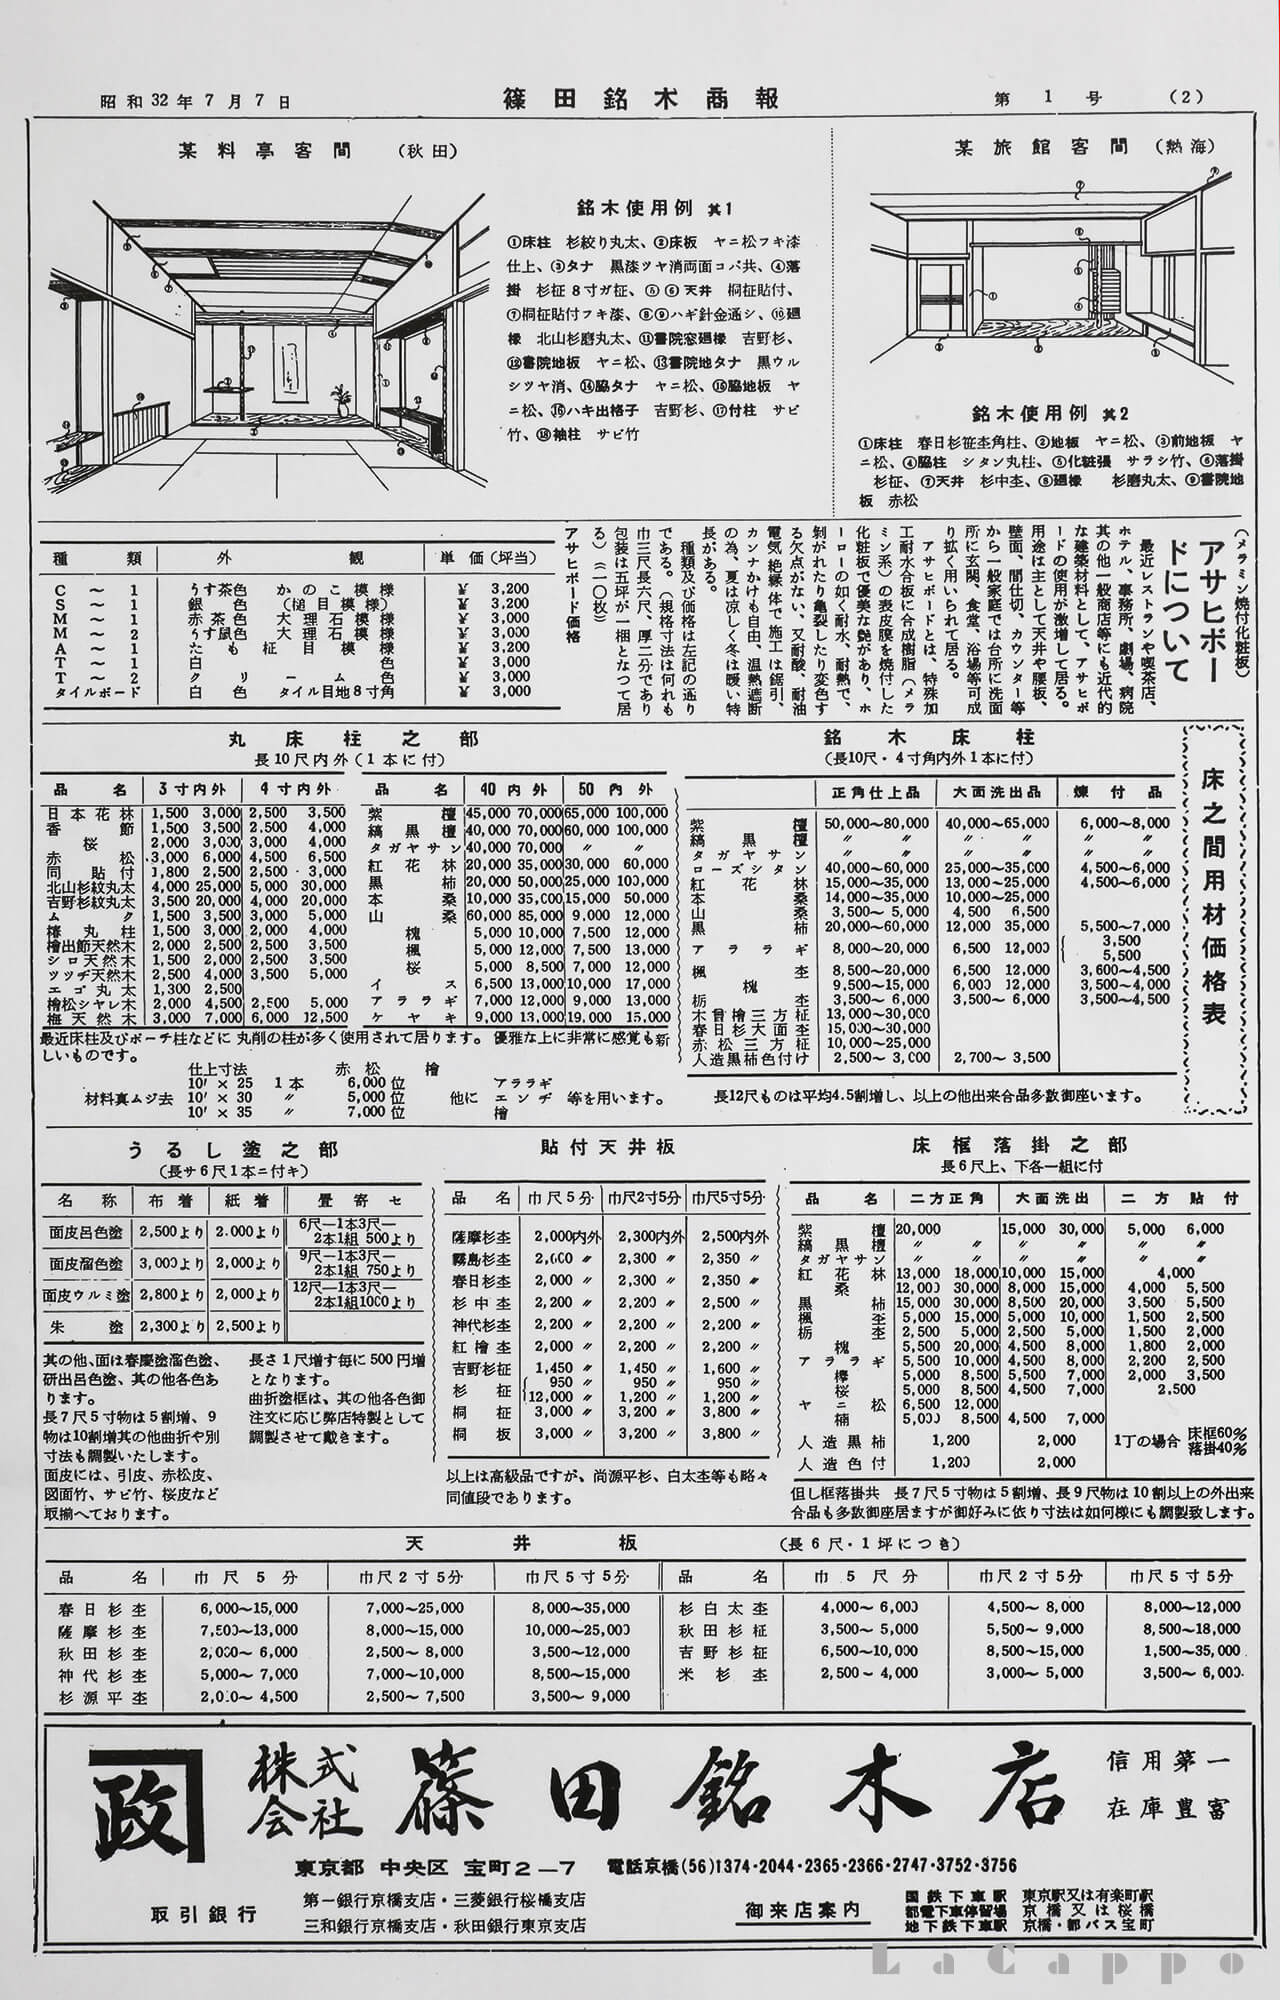 昭和32年7月7日に出された篠田銘木商報